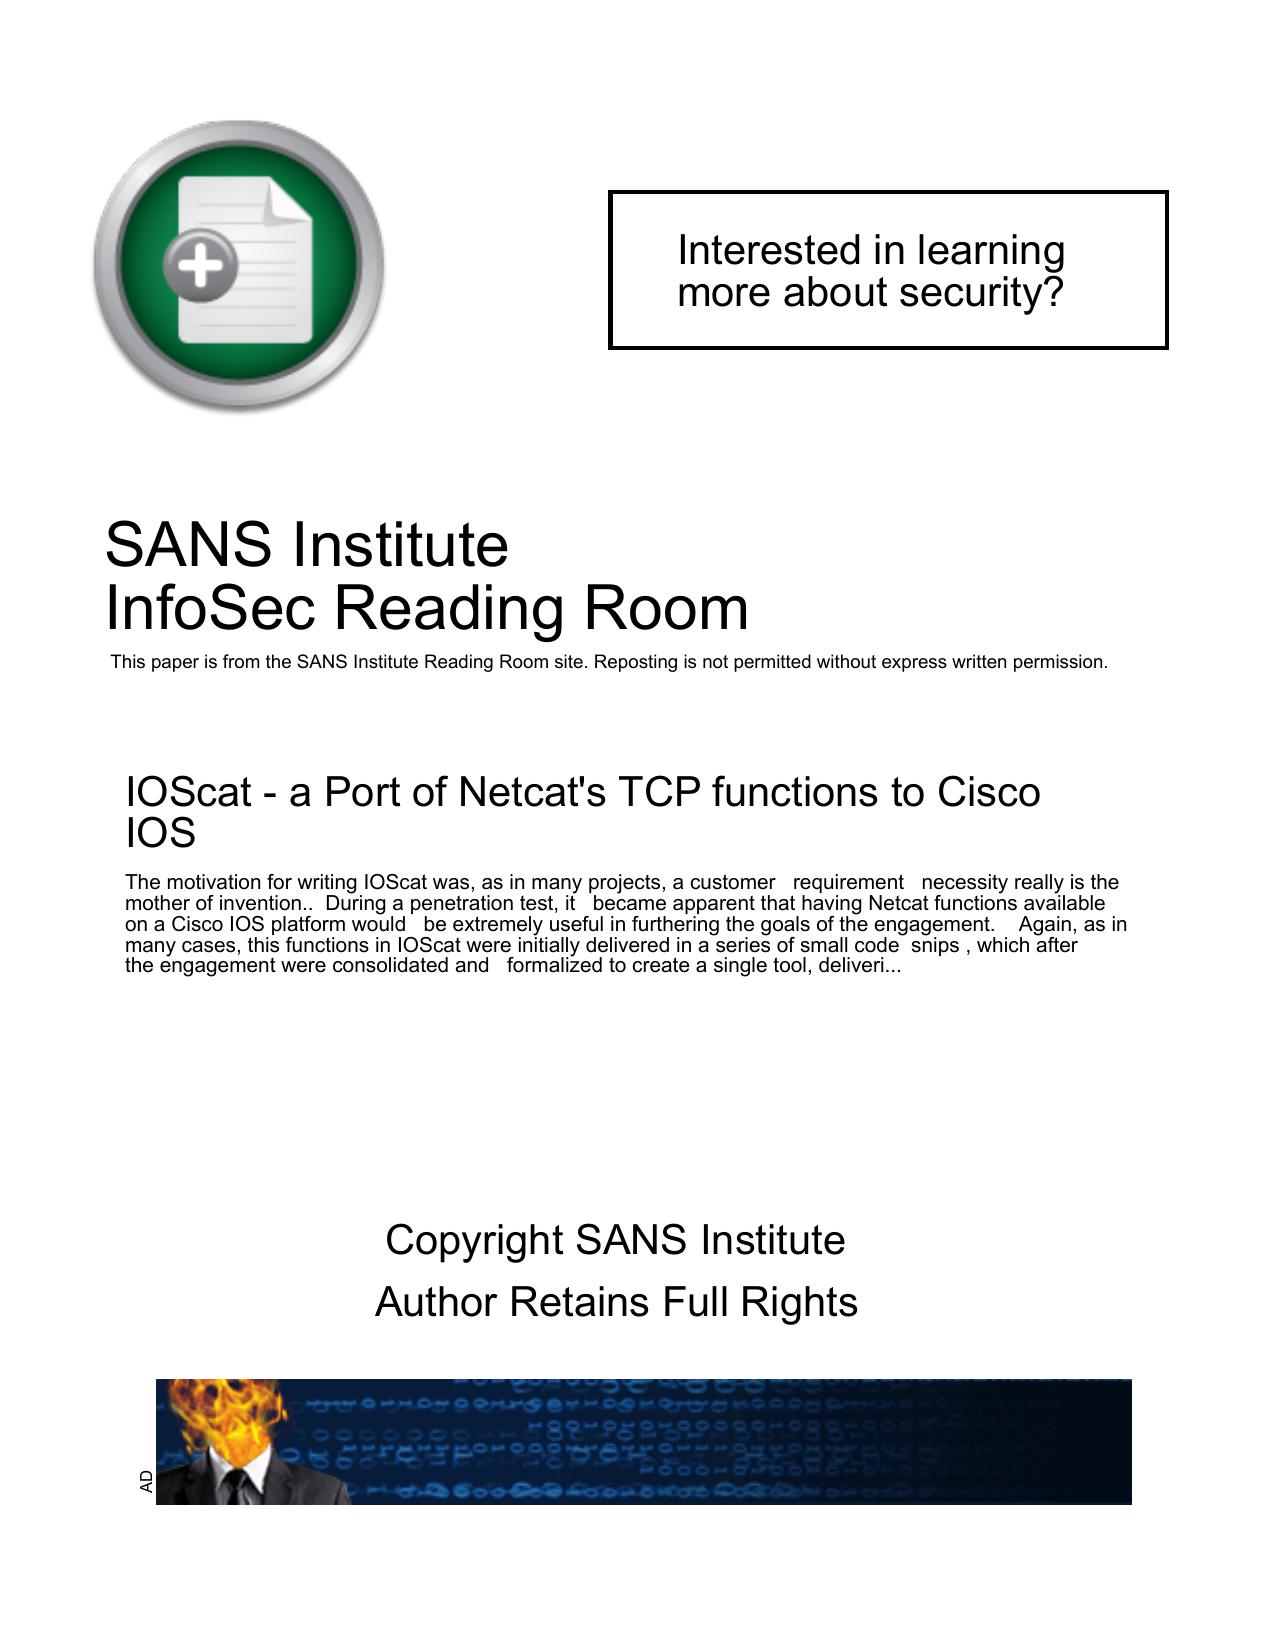 IOScat - a Port of Netcat`s TCP functions to Cisco IOS | manualzz com